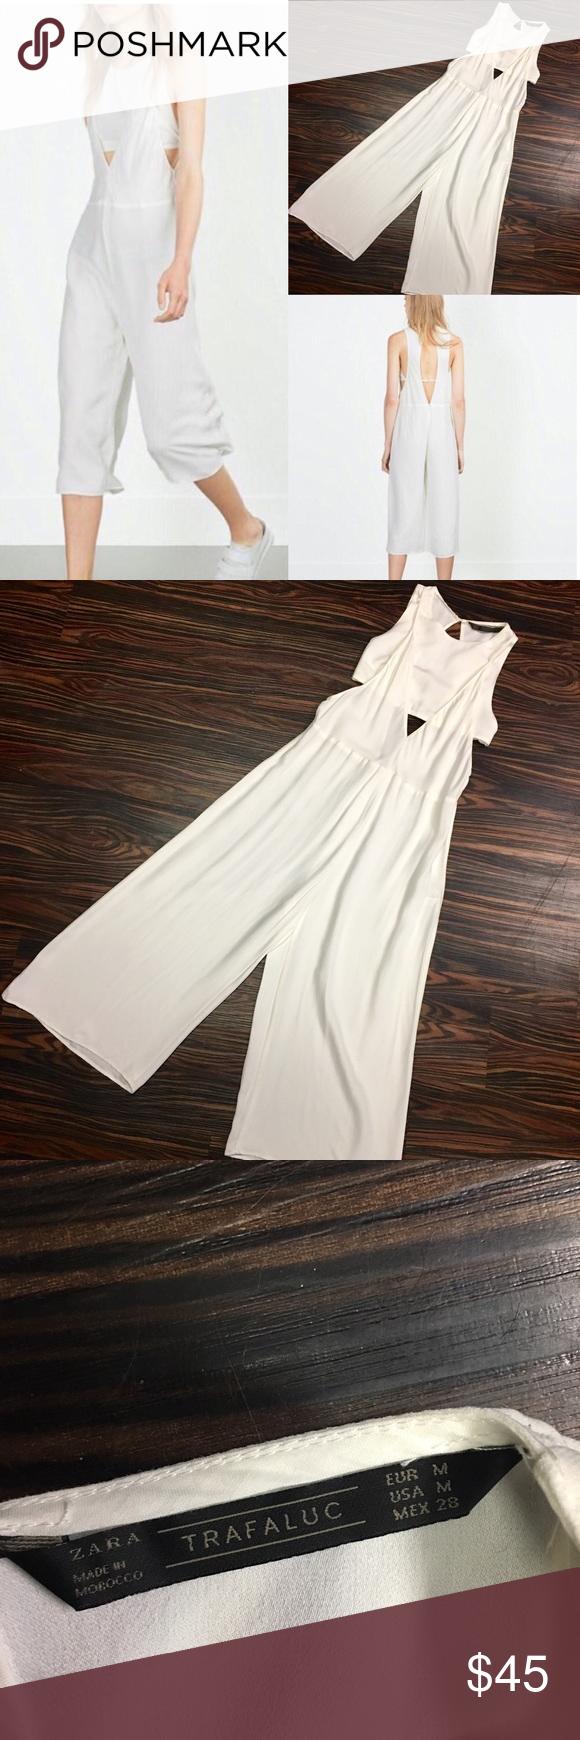 605c50c07bb Zara Trafaluc culotte jumpsuit In gorgeous crêpe de Chine